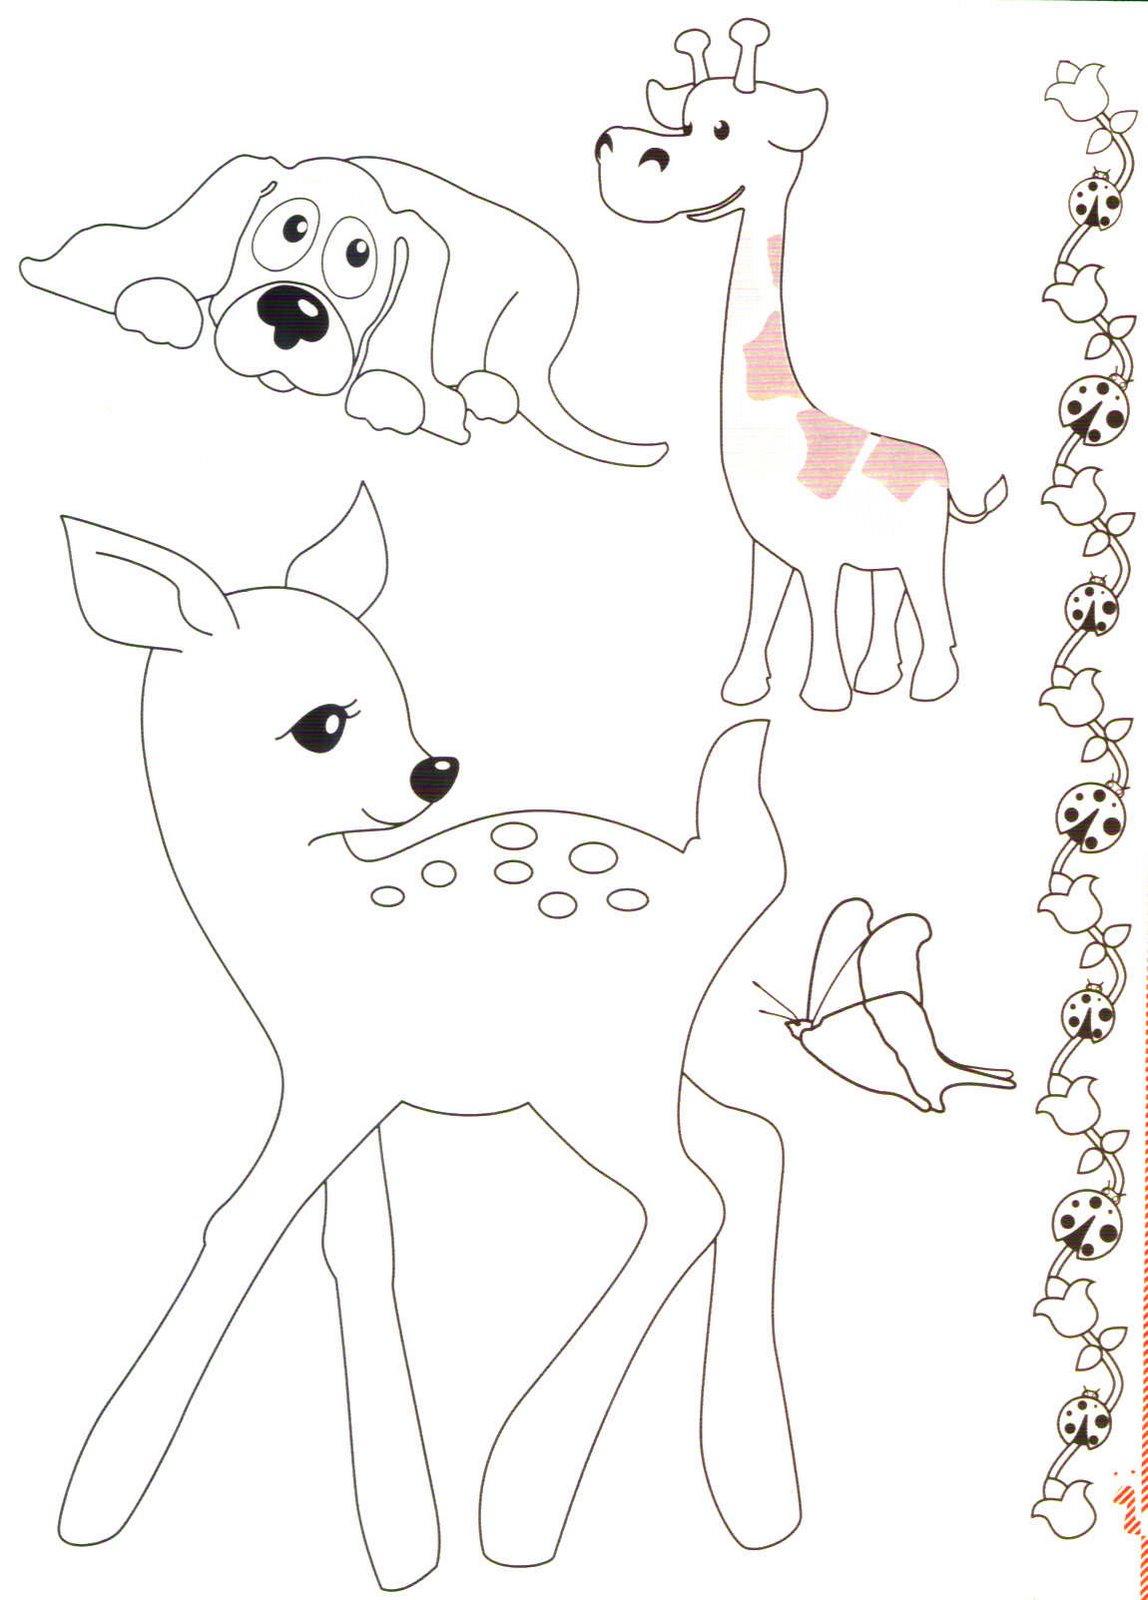 Desenhos e imagens para colorir